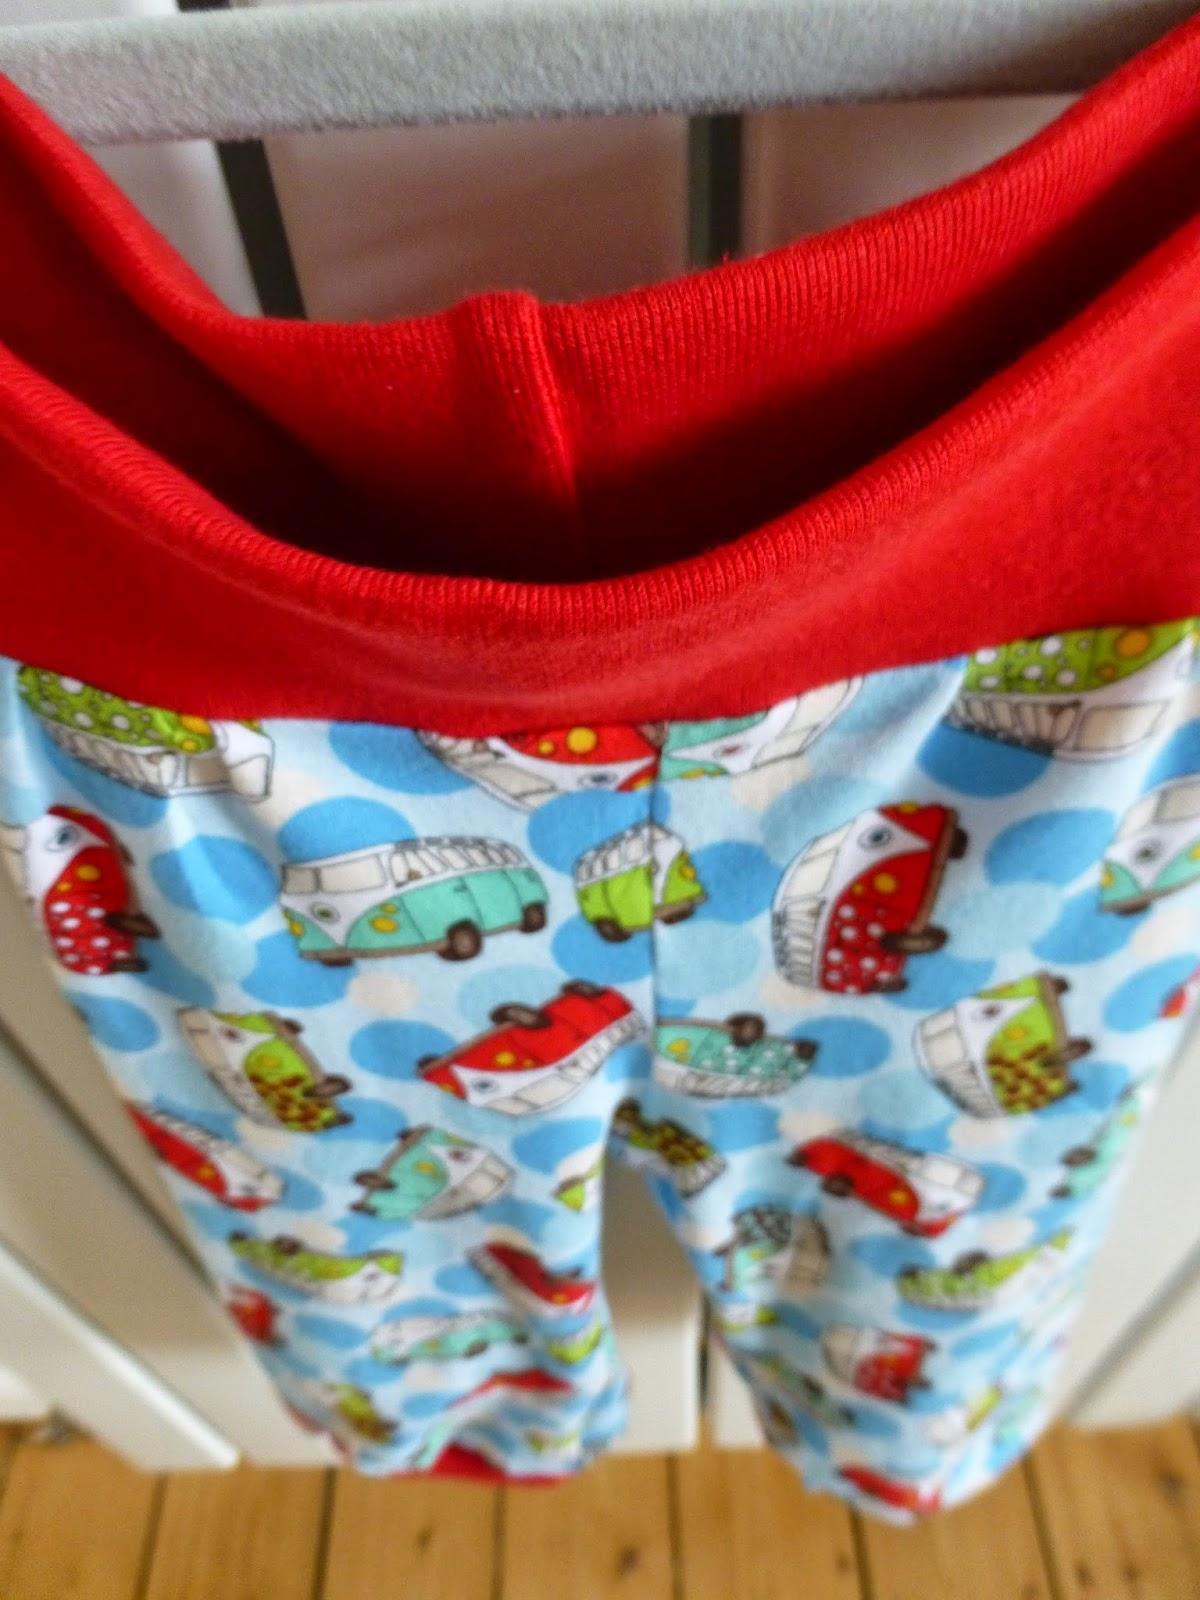 Stoff Jersey Bündchen Hose vw Bus rot bunt blau grün klimperklein nähen kinderkleidung nahtaktiv